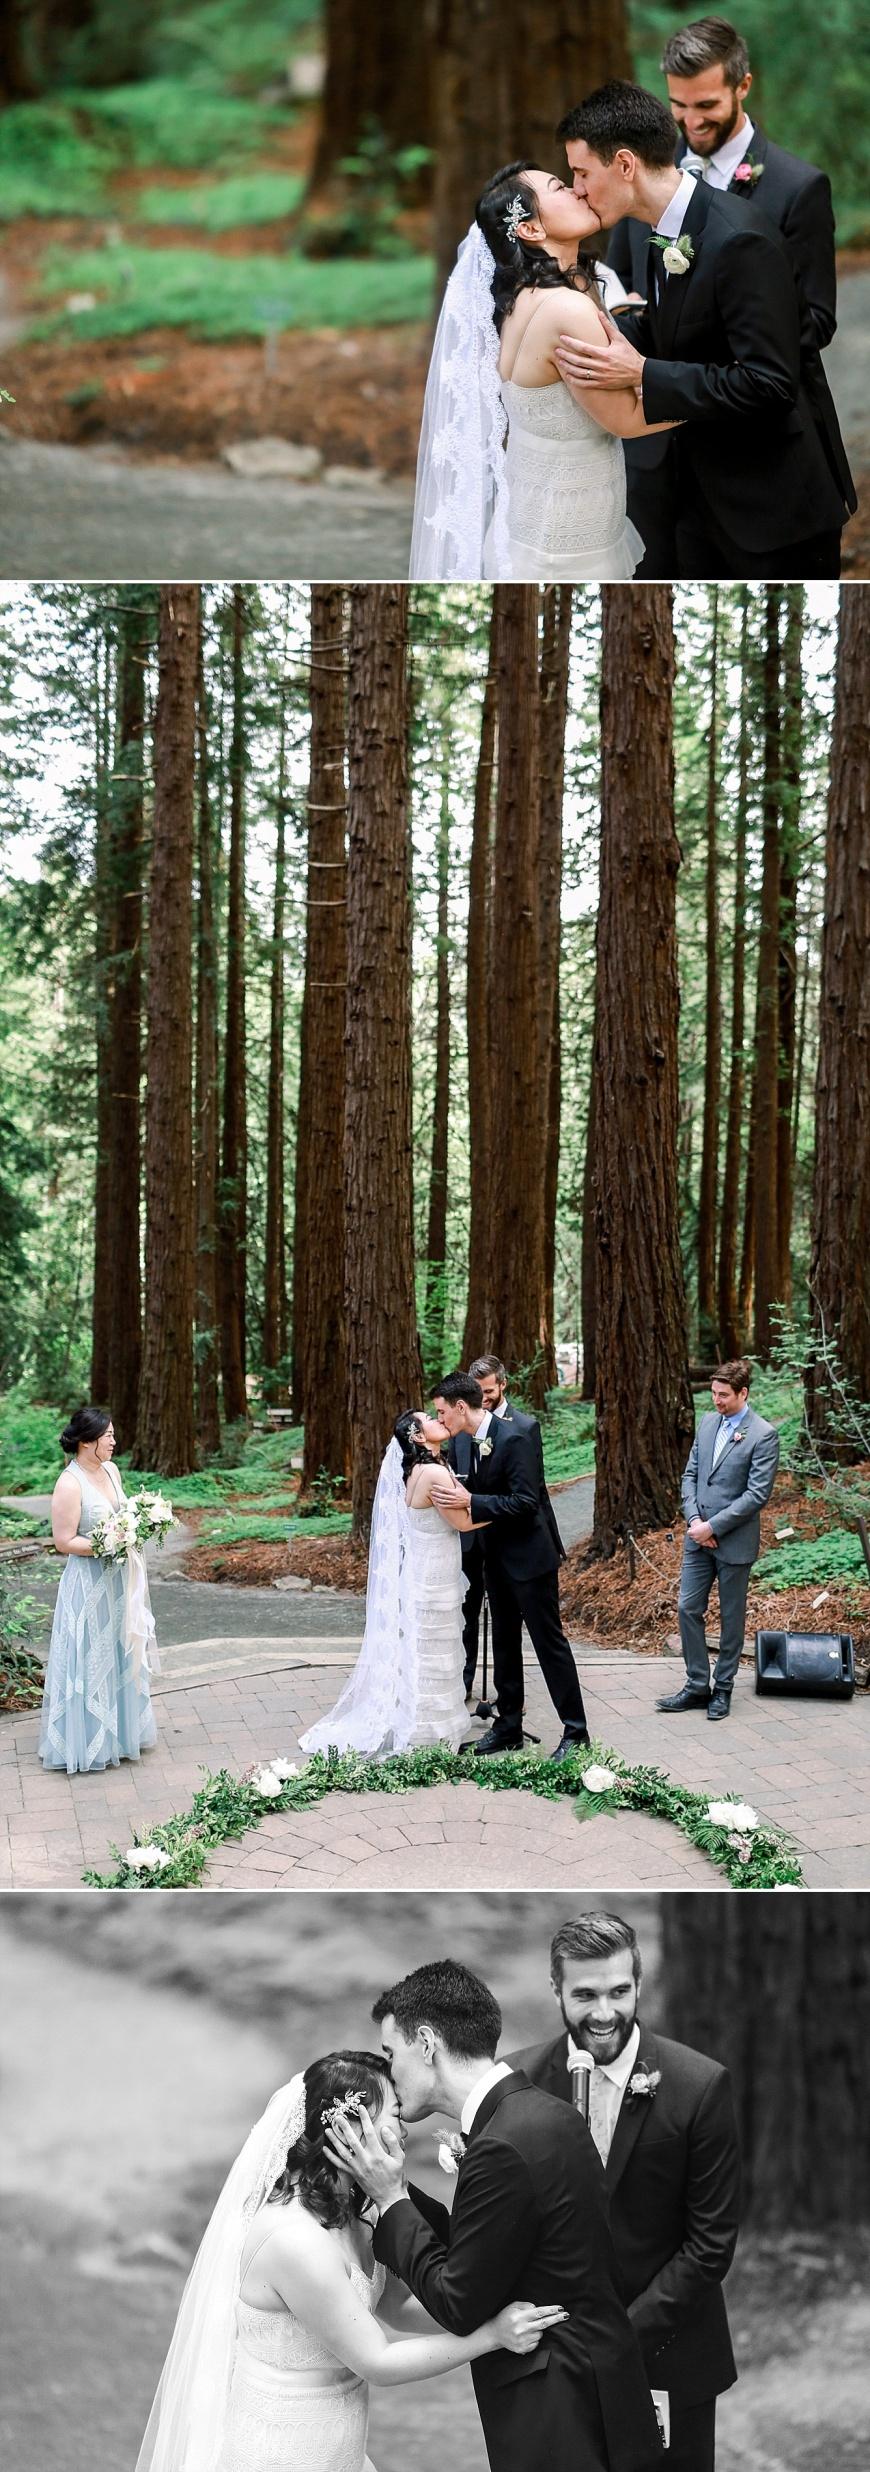 UC-Botanical-Garden-Berkeley-Wedding-Photographer_1053.jpg